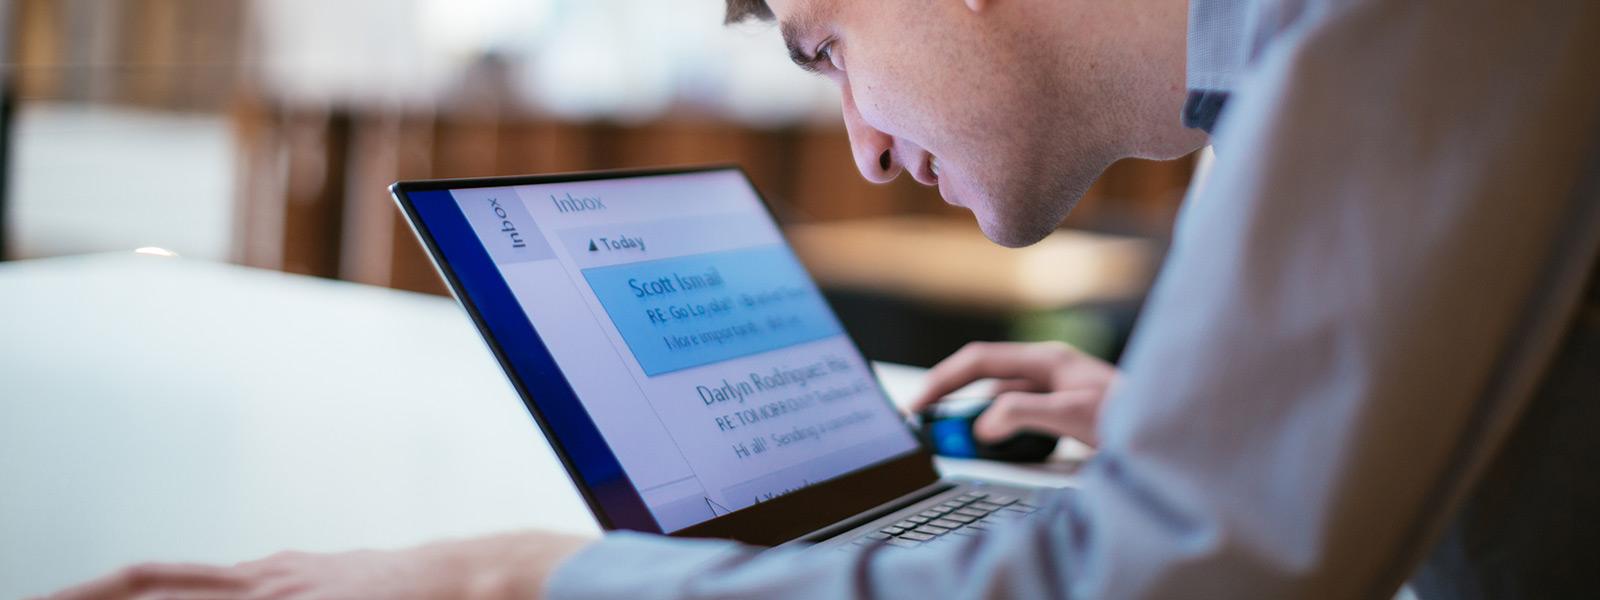 一名男士使用 Windows 10 电脑进行工作,屏幕上显示易读的大字号文本